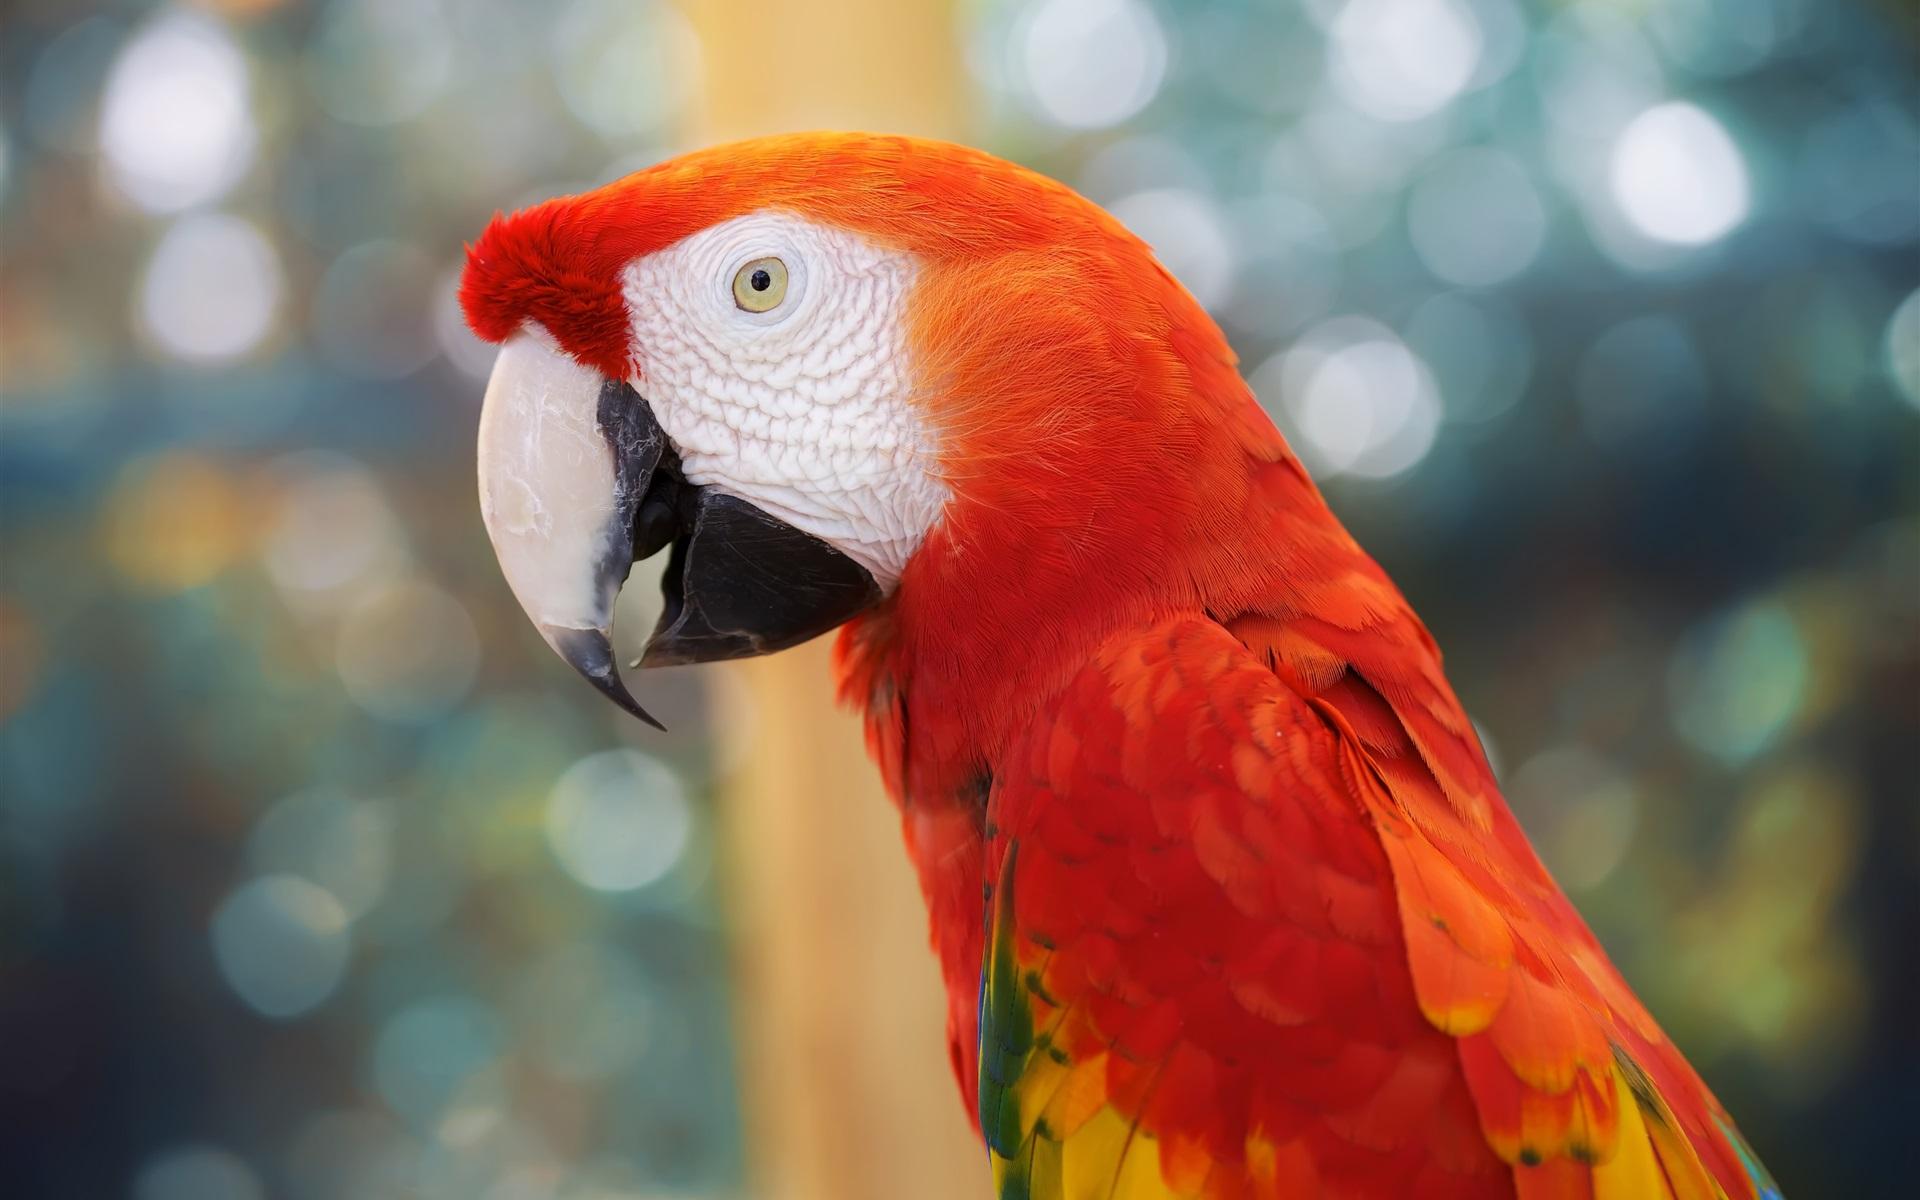 Hình nền con vẹt đa sắc màu